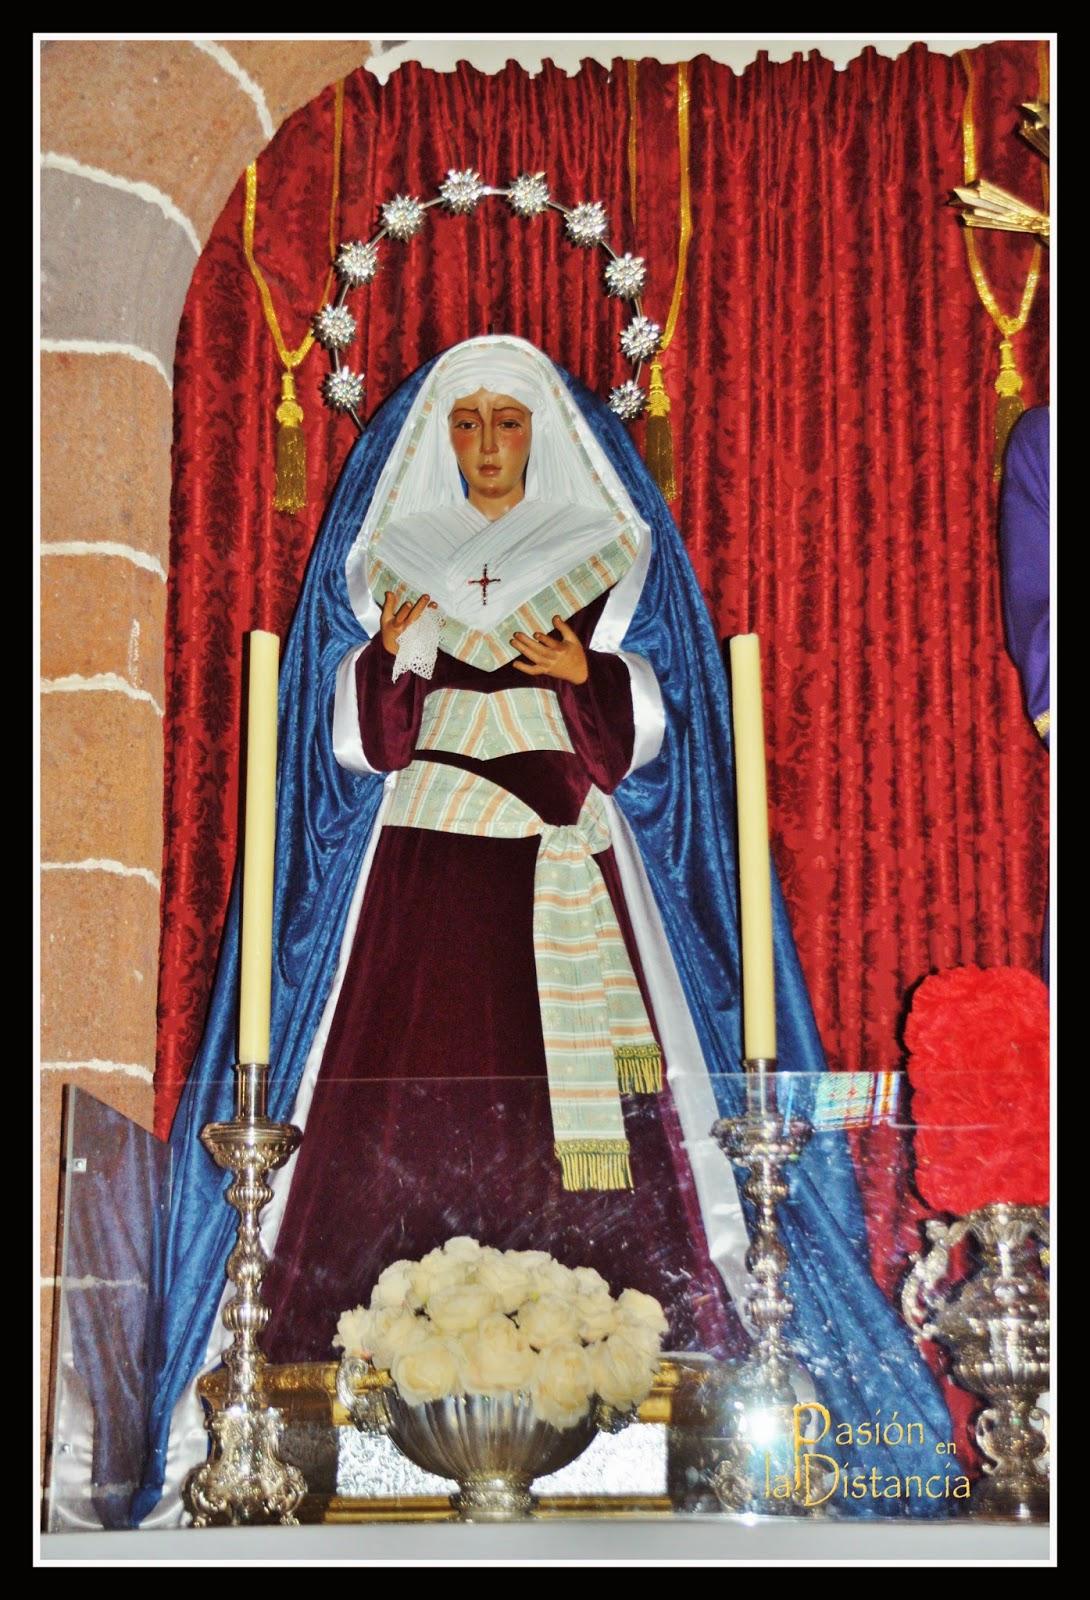 Virgen-Macarena-vestida-hebrea-Santa-Cruz-Tenerife-iglesia-Concepción-2015